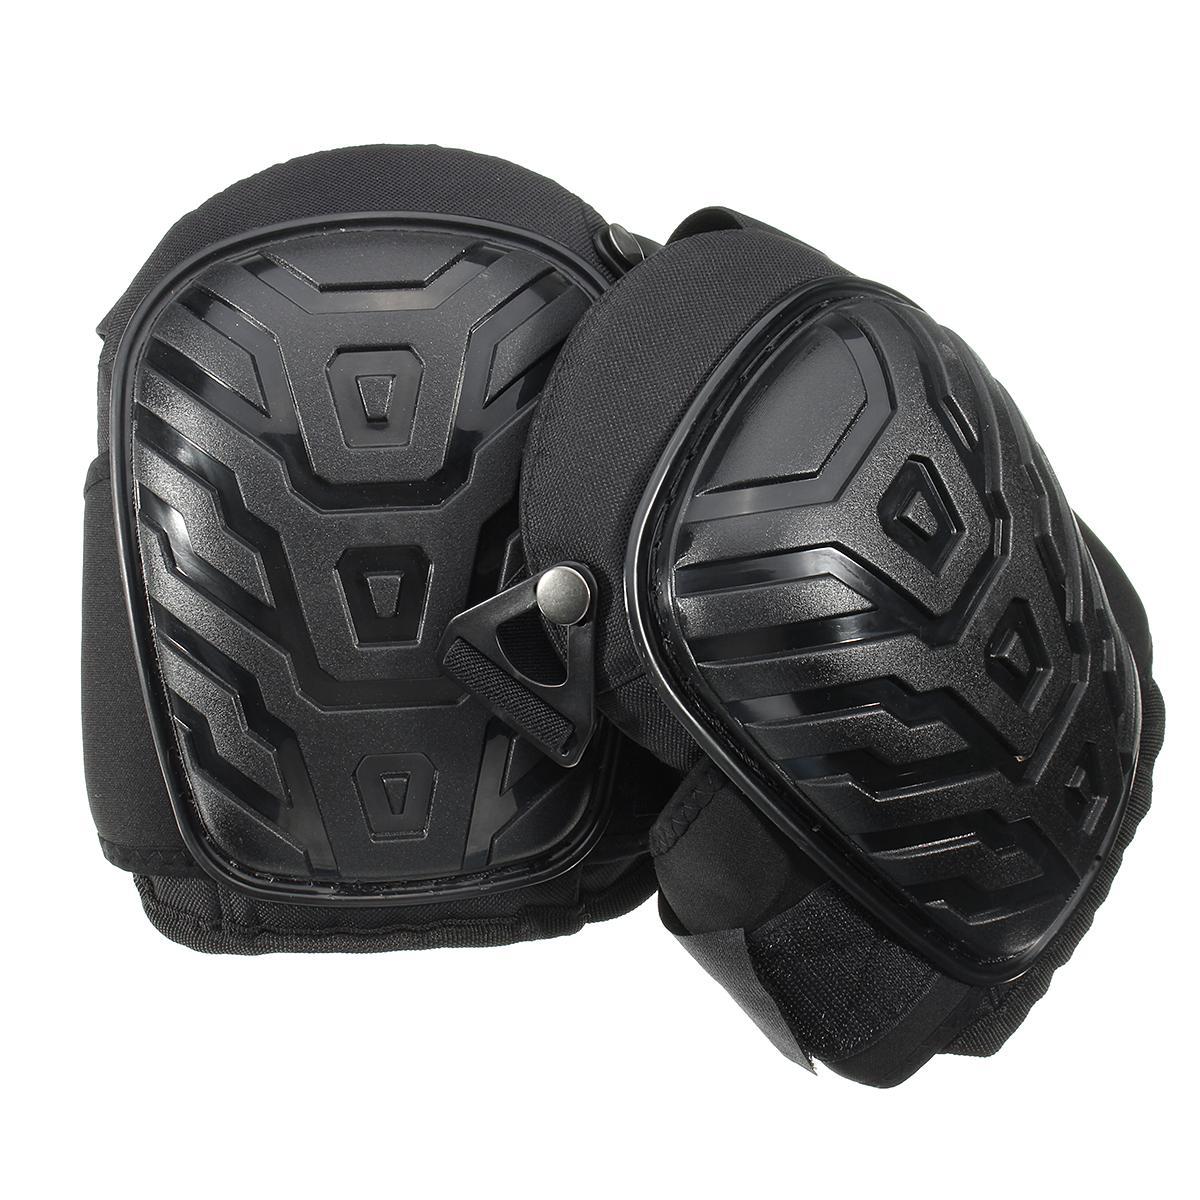 Nueva seguro conjunto de 2 rodilleras construcción par confort pierna protectores de espuma lugar Seguridad auto protección